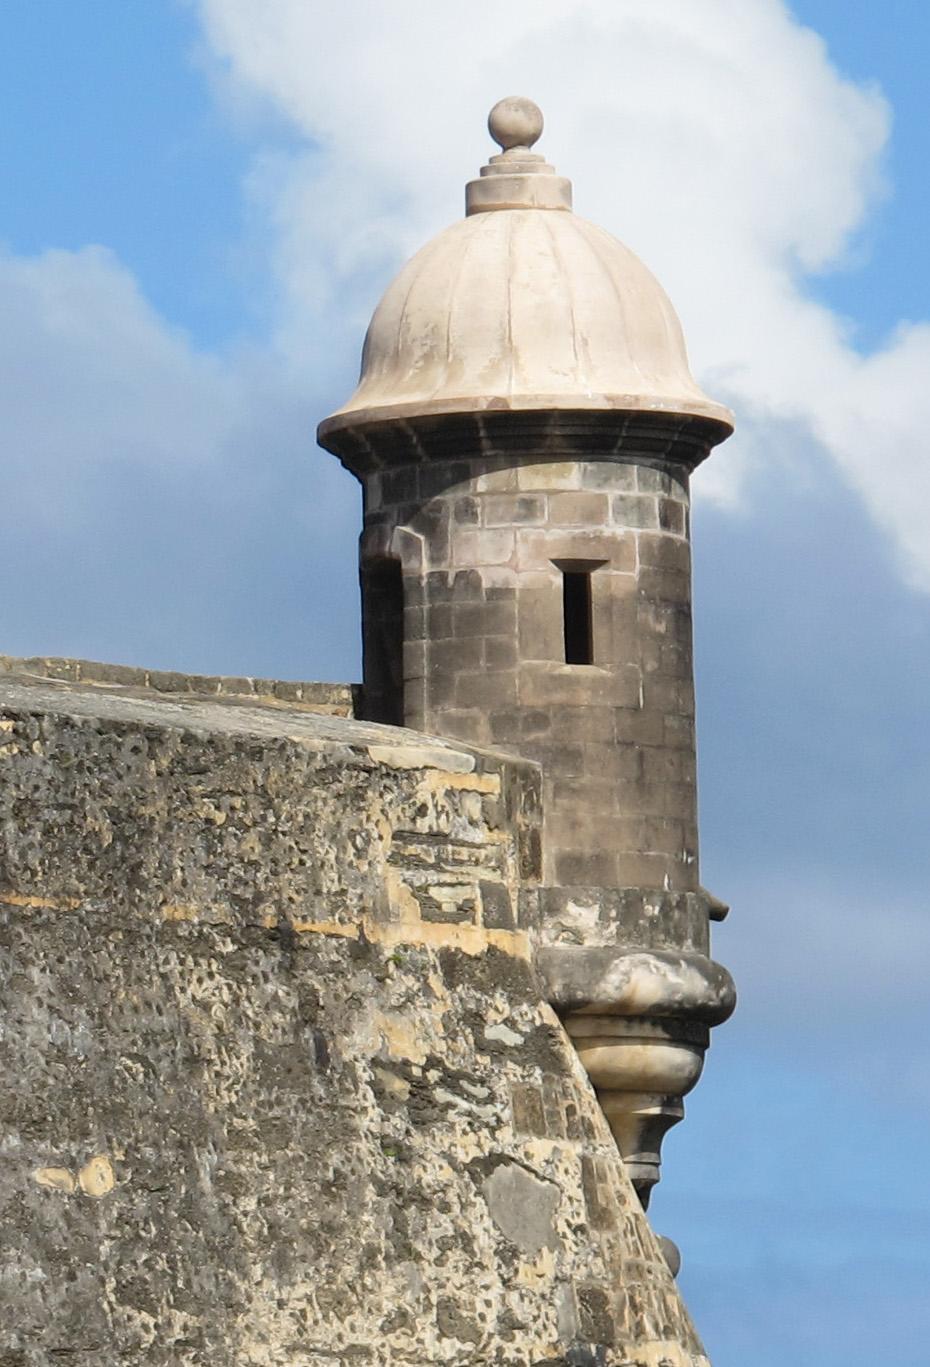 File:Garita at Castillo de San Cristobal-Detail.jpg - Wikimedia Commons